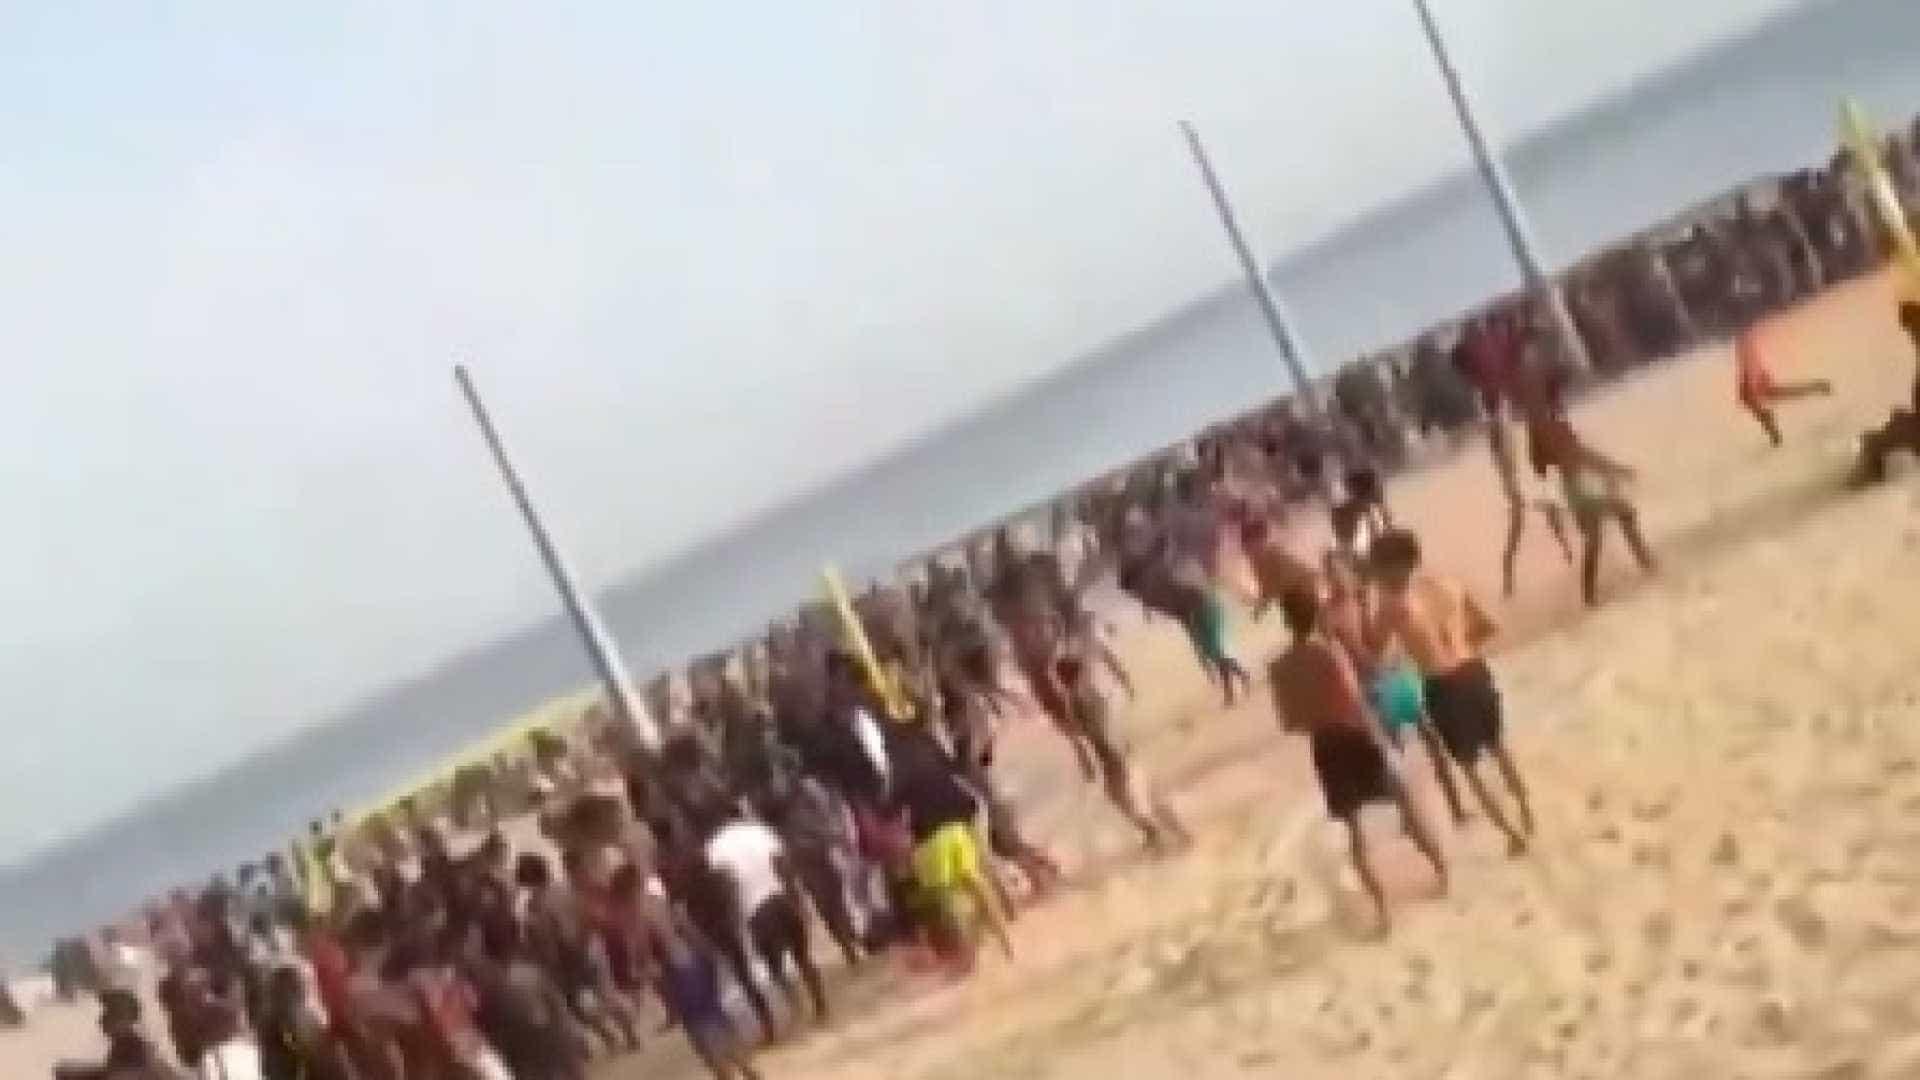 Briga generalizada assusta banhistas em praia de Portugal